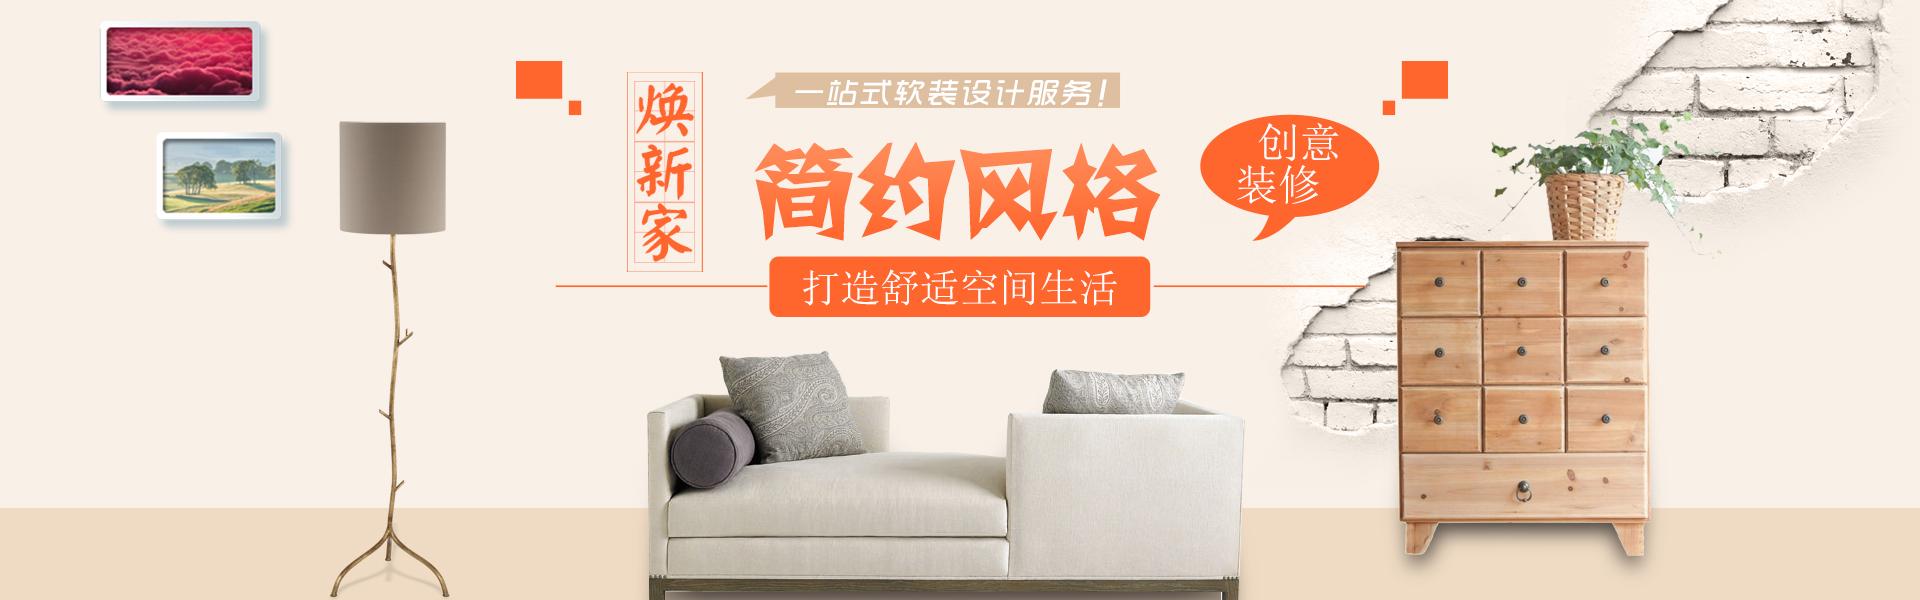 苏州鑫典元素装饰设计工程有限公司集家装、工装、装潢、设计于一体专业装修公司